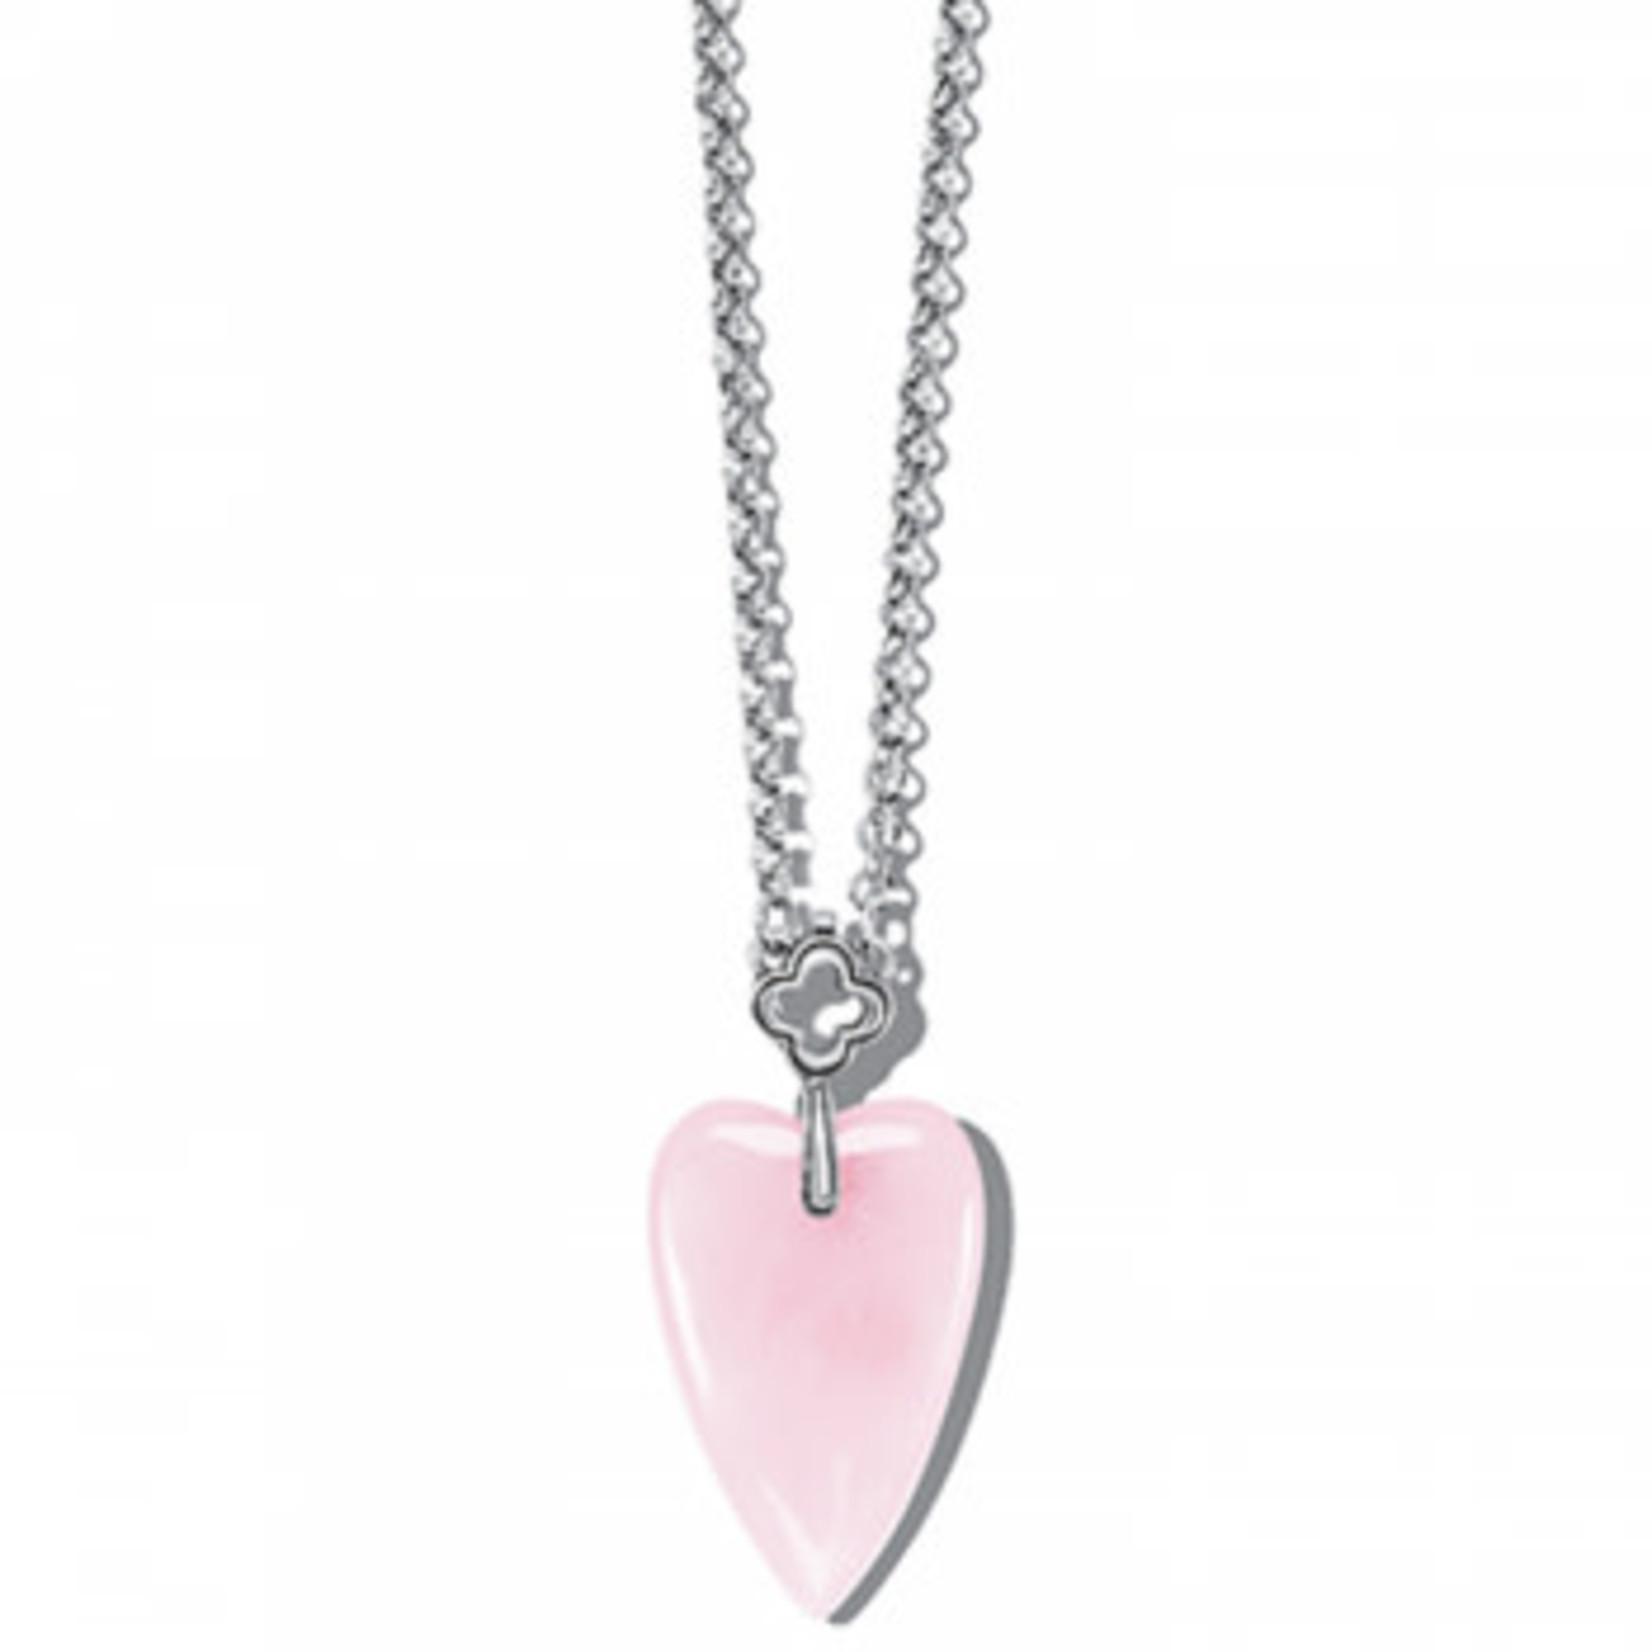 Brighton Toledo With Love Rose Quartz Necklace